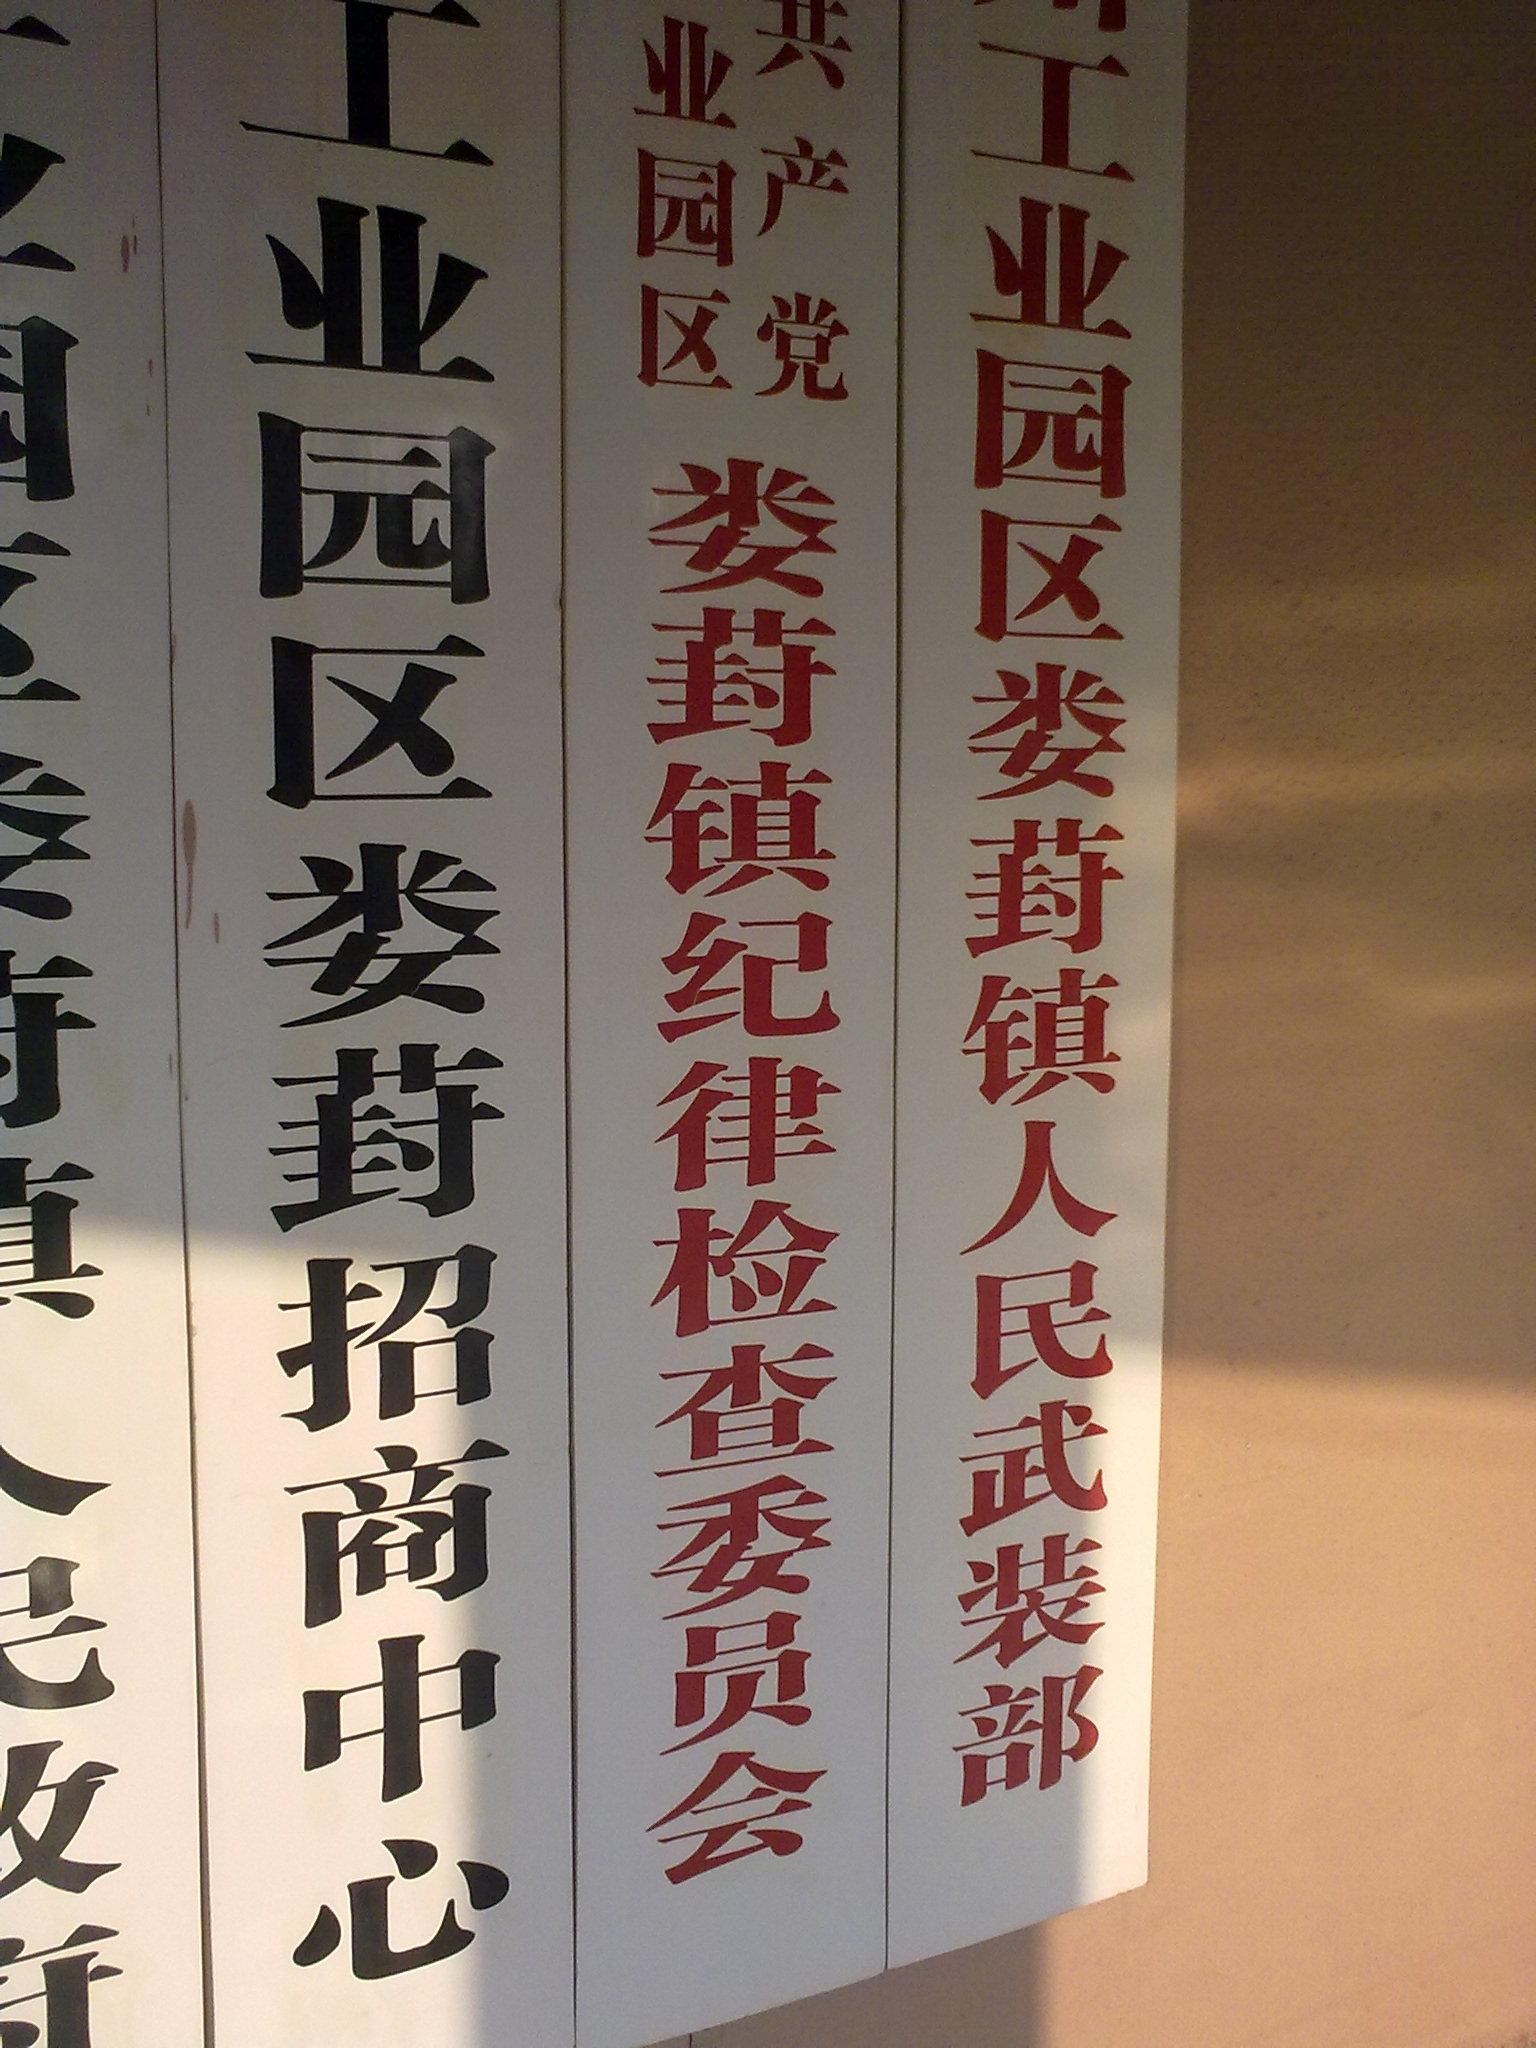 中国共产党苏州工业园区娄葑街道纪律检查工作委员会